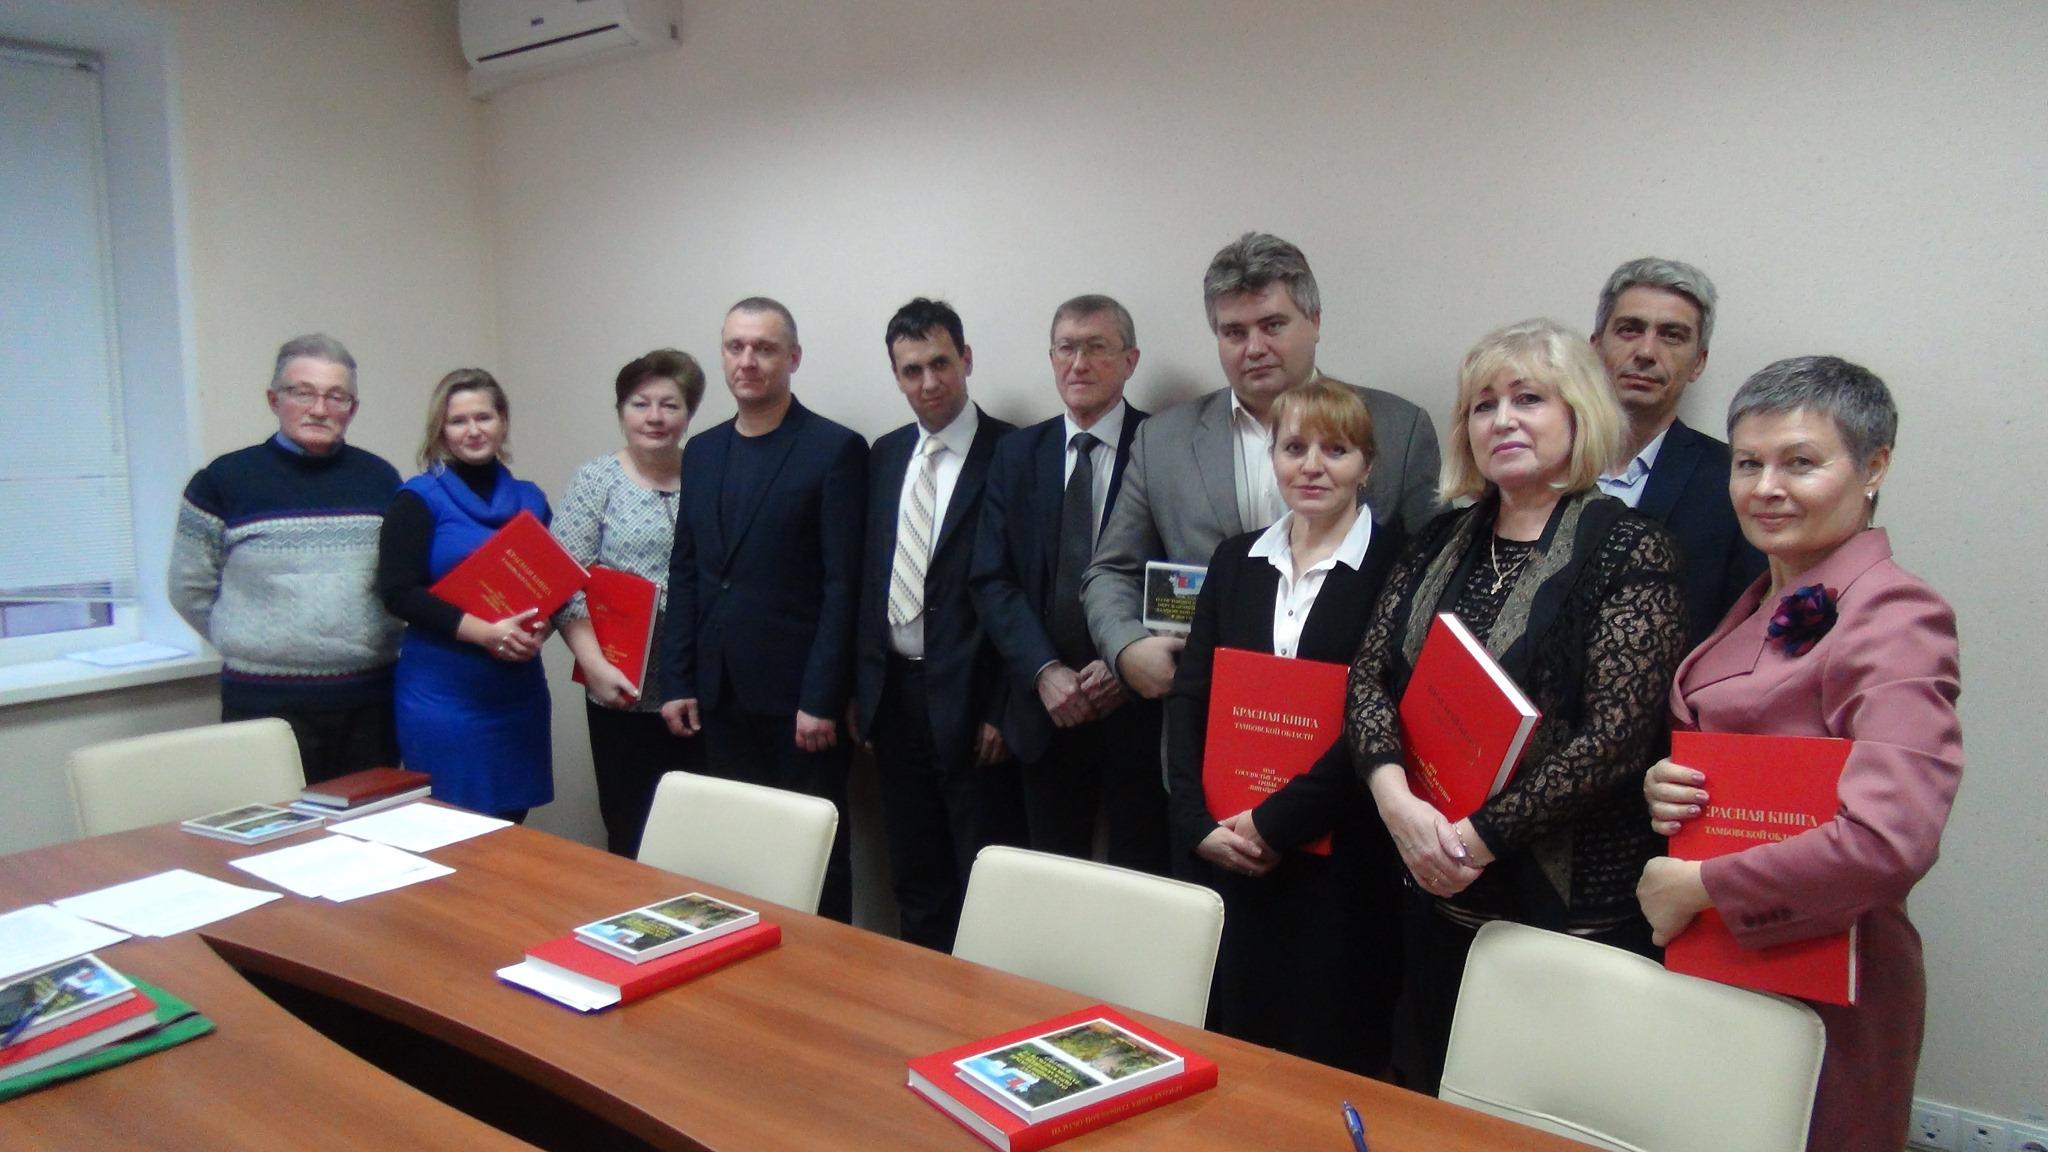 Заседание Общественного совета при Управлении по охране окружающей среды и природопользованию Тамбовской области